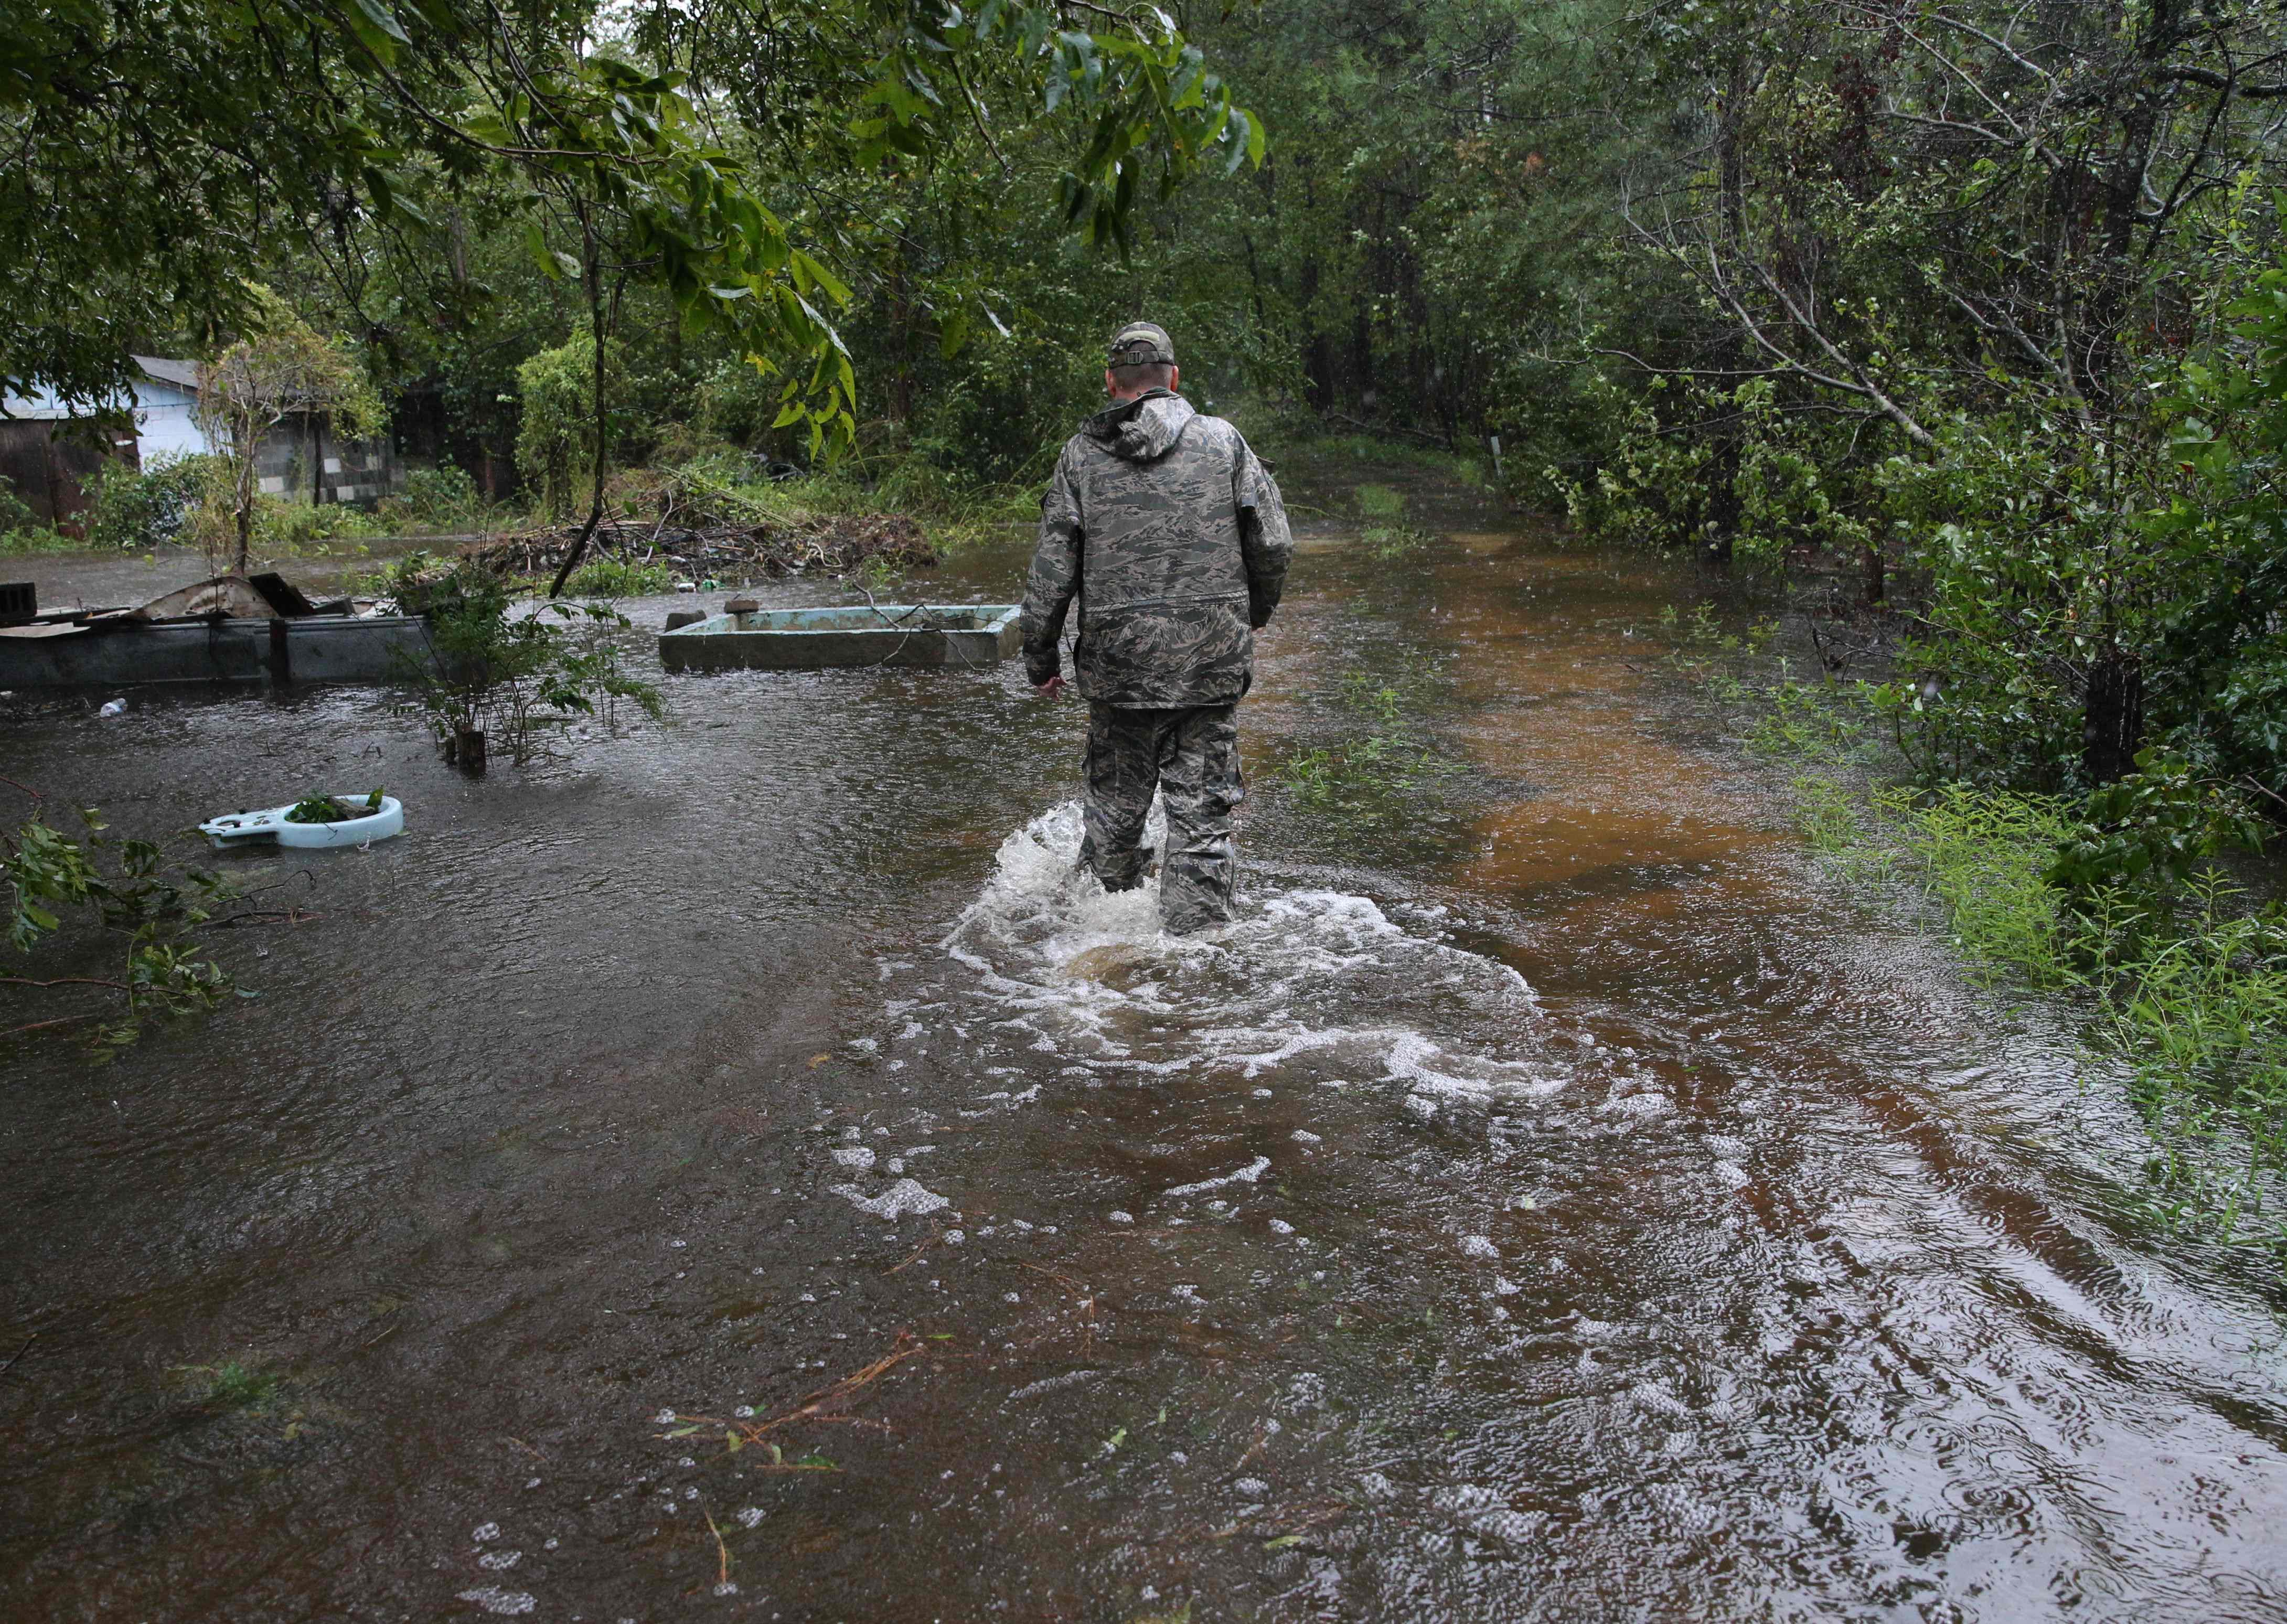 أحد رجال الإنقاذ يسير وسط الأمطار